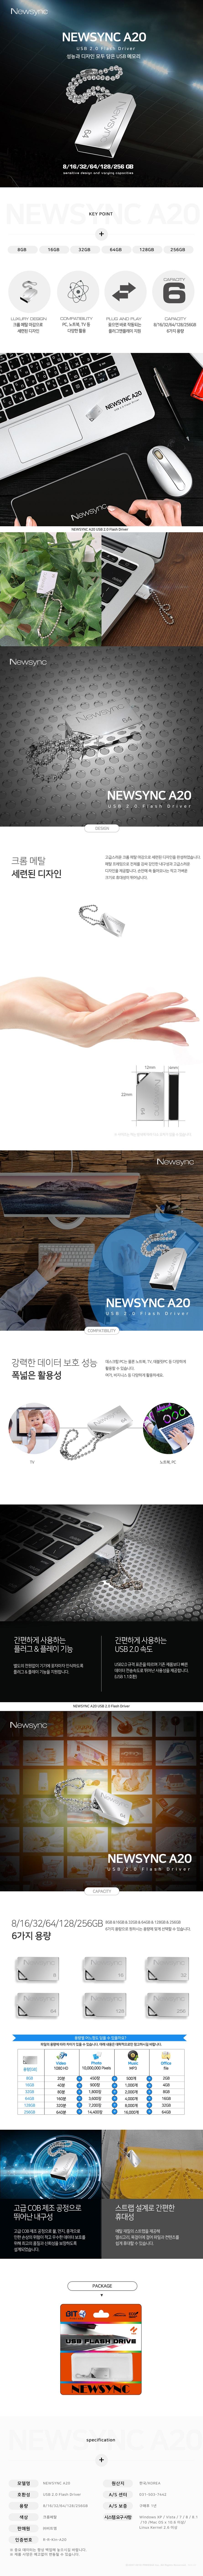 비트엠 Newsync A20(8GB)